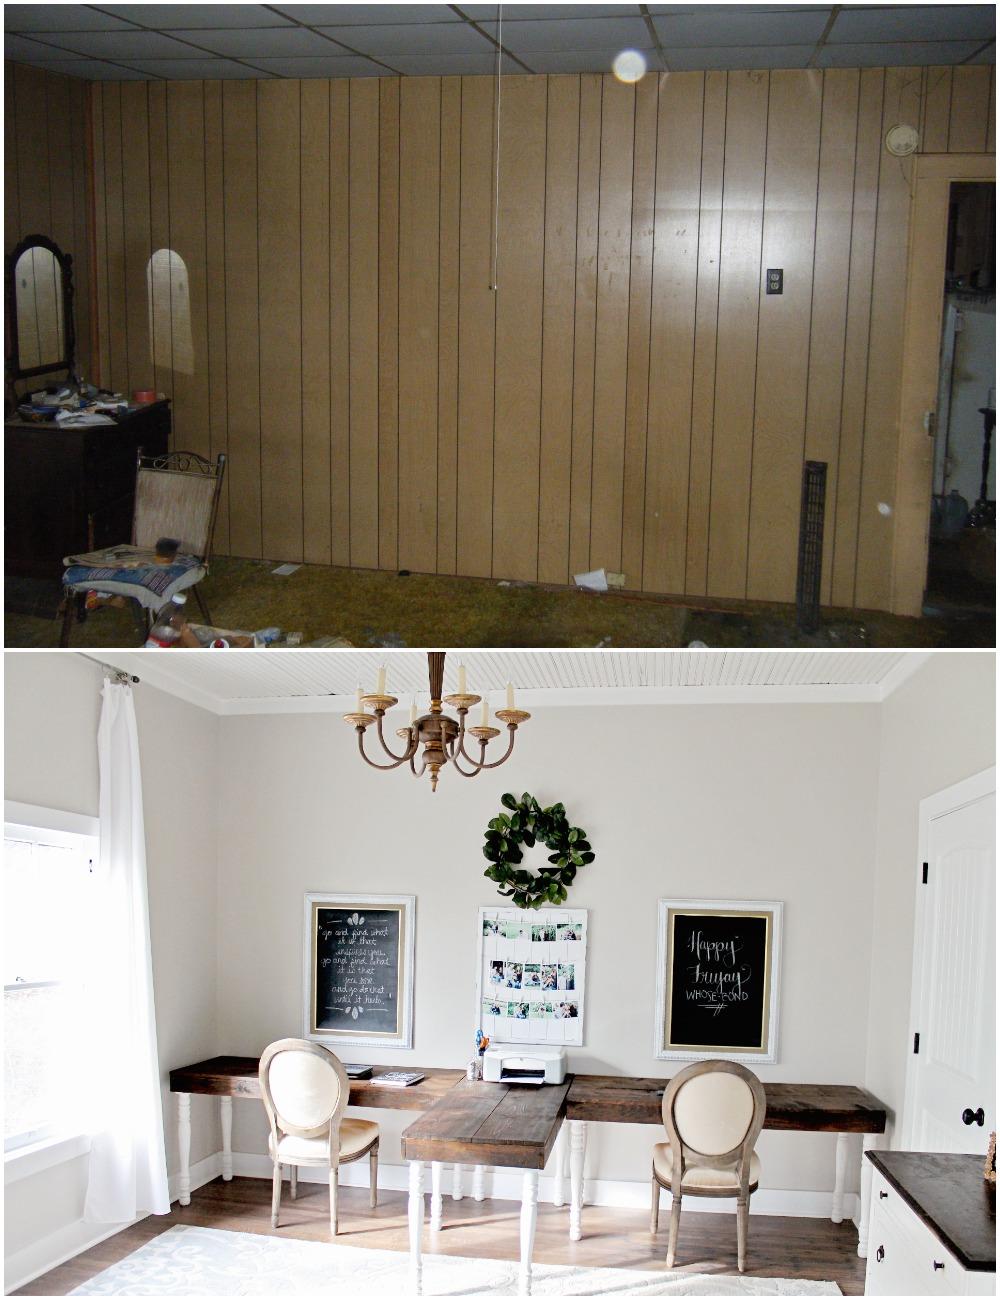 Myrtle House Before U0026 After: Office U2014 Elizabeth Burns Design, Raleigh NC  Interior Designer